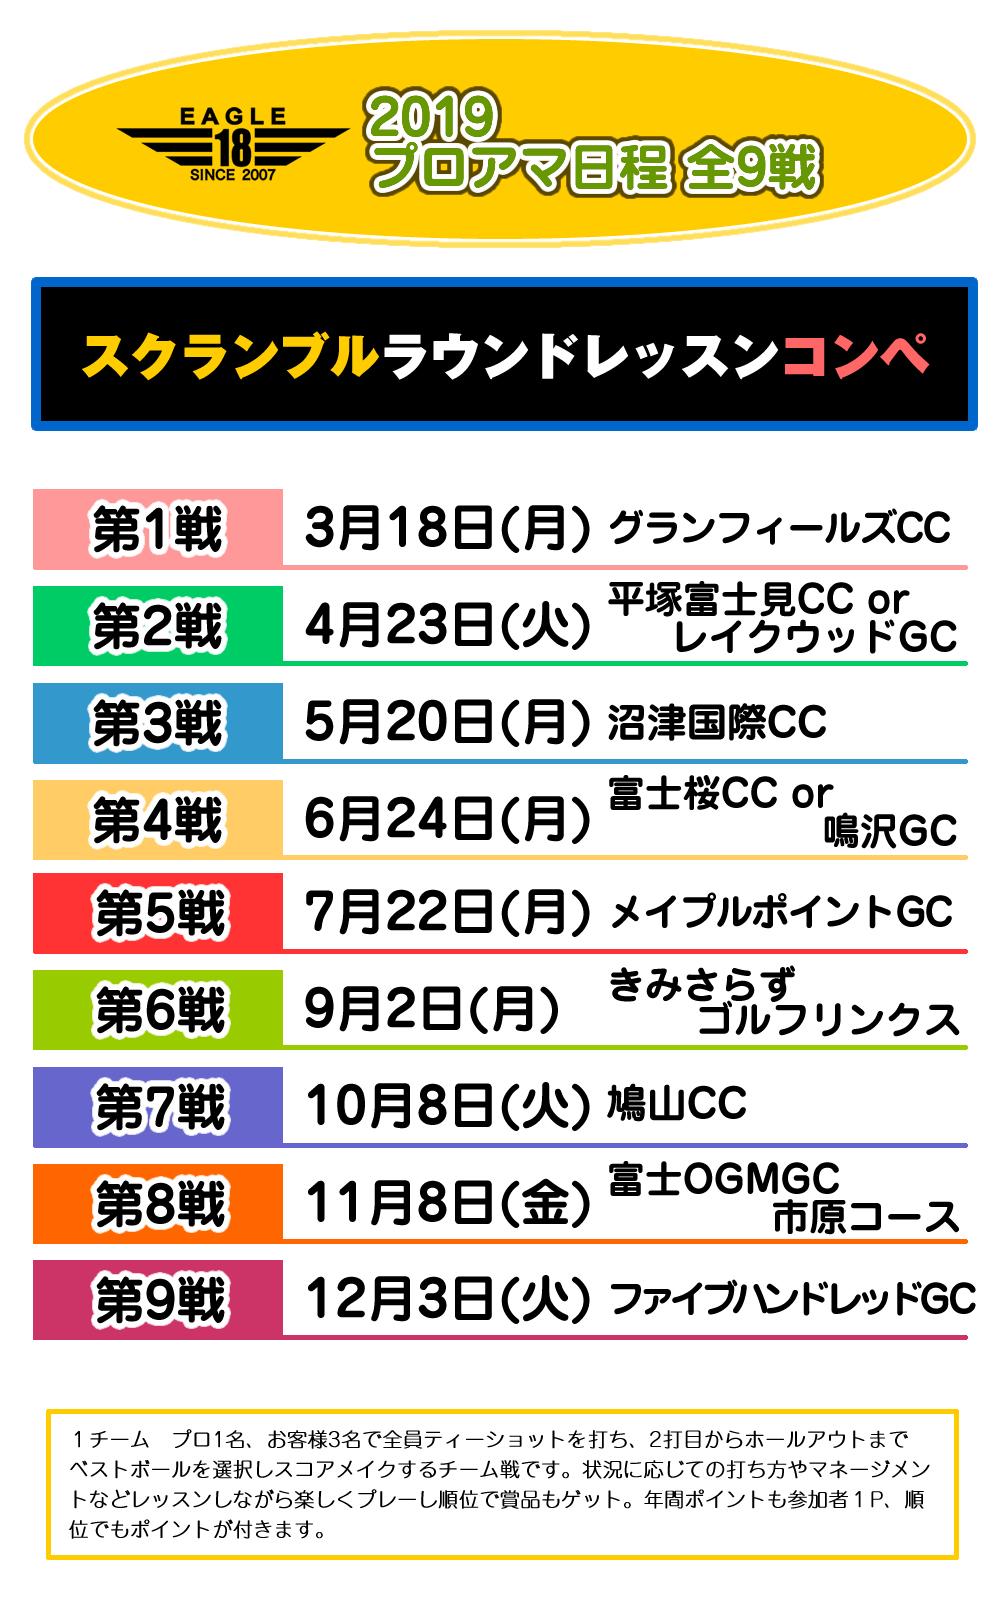 プロアマ スクランブル ラウンドコンペ  年間予定表2019